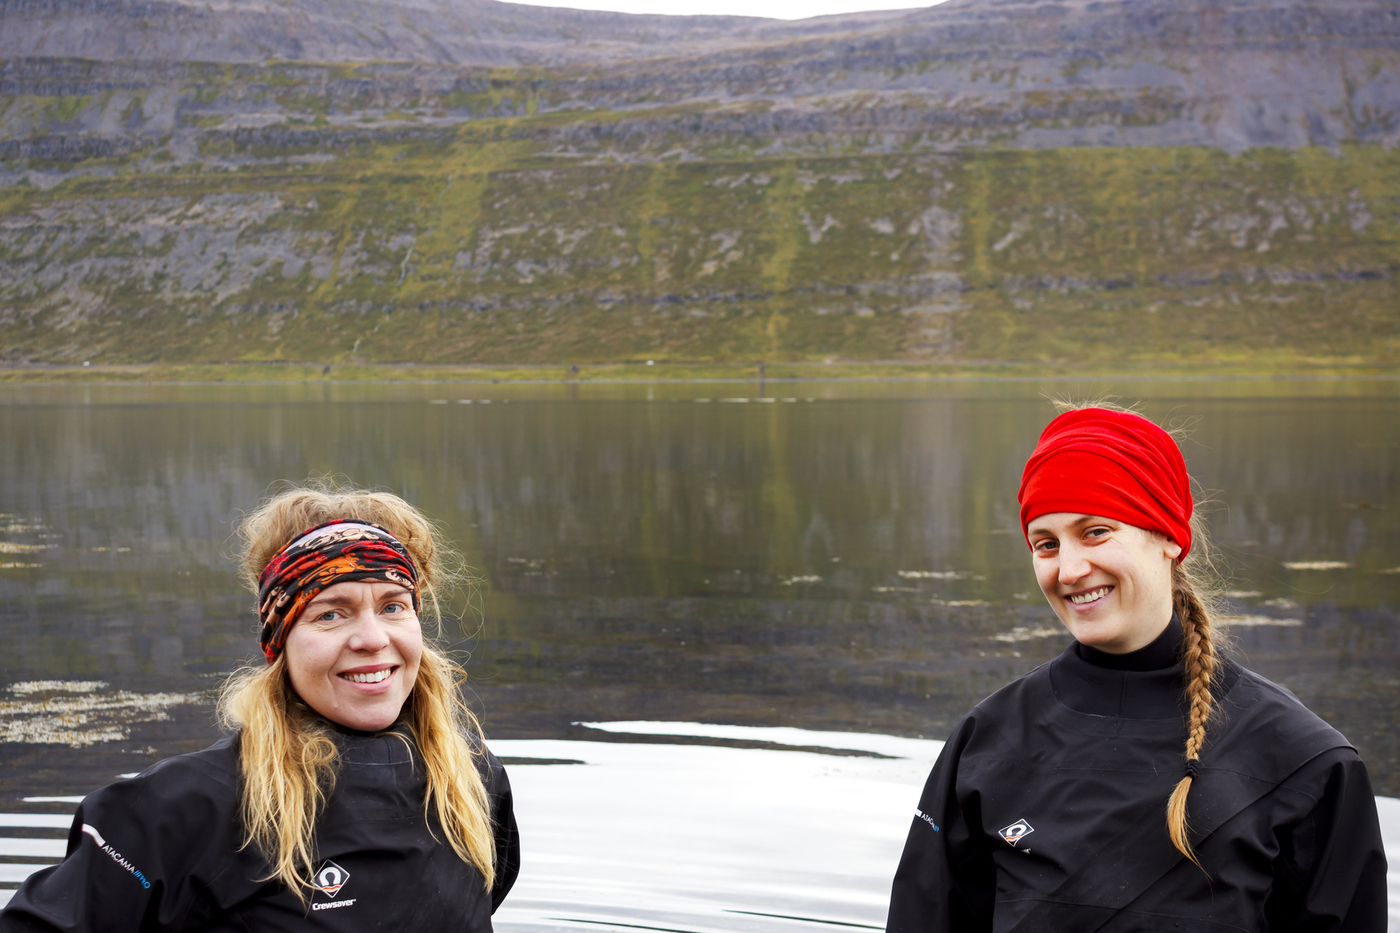 Guðbjörg Ásta Ólafsdóttir andMichelle Valliant